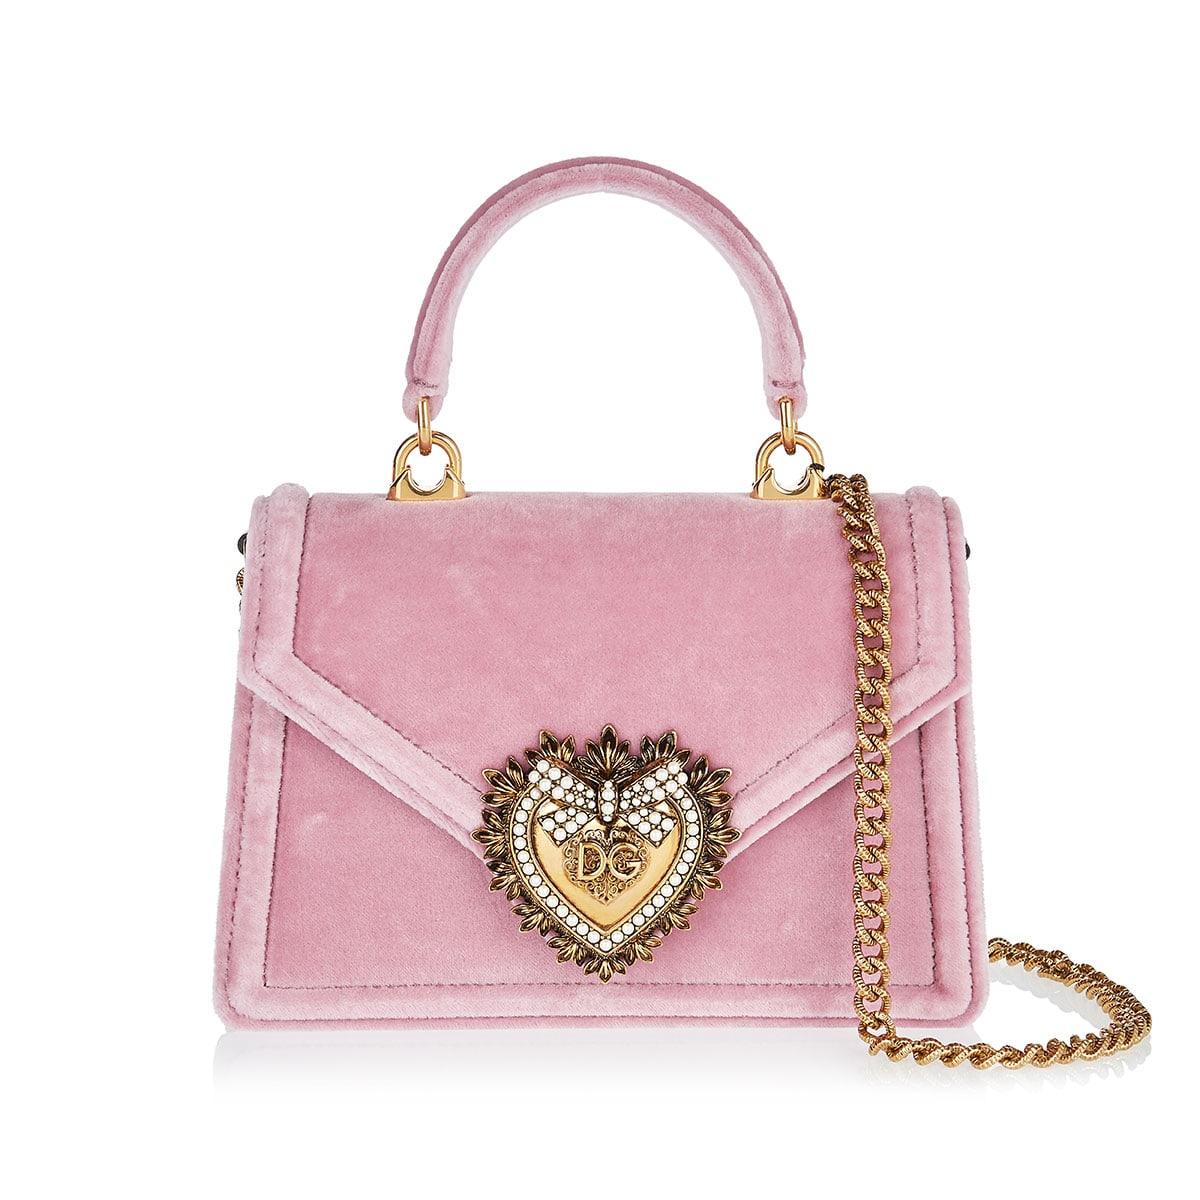 3739b359e63 Small Devotion velvet shoulder bag | LuisaWorld